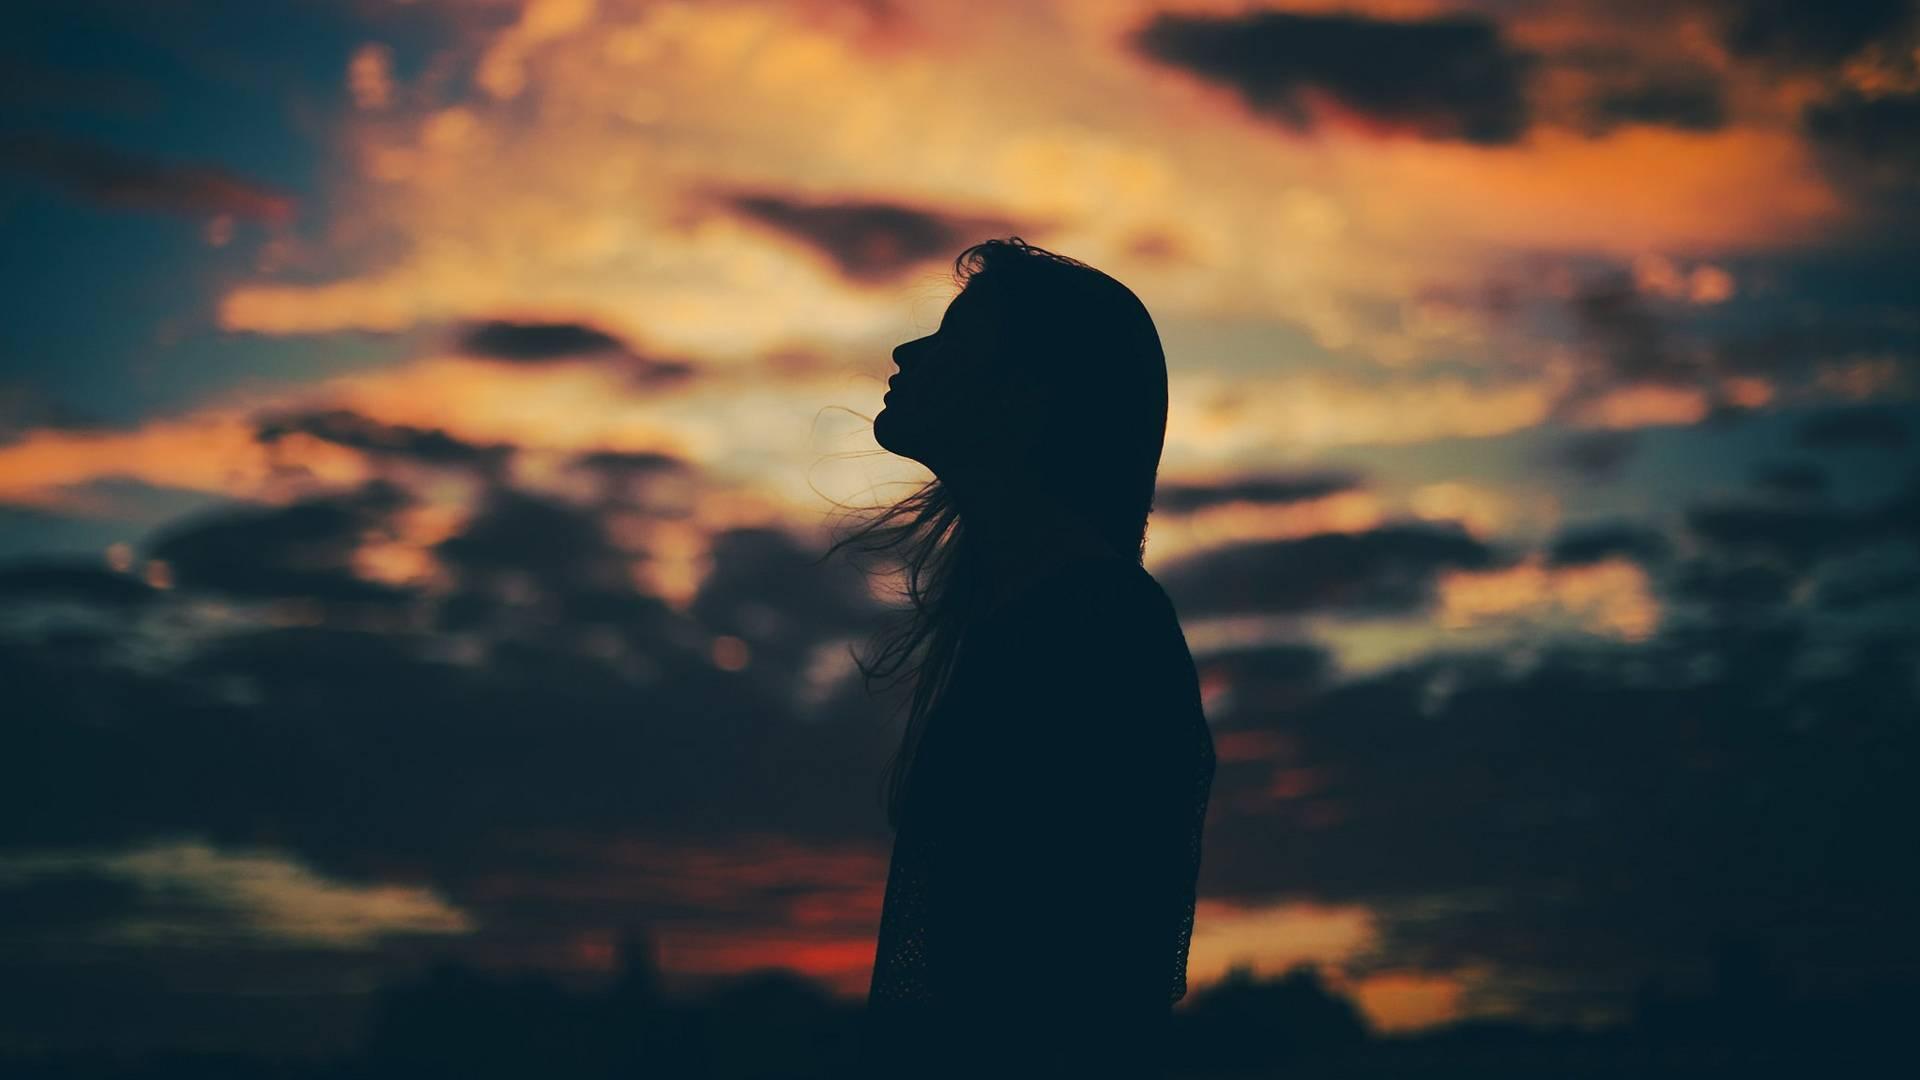 以前伤害过你的人,值得原谅吗? 原谅伤害你的人